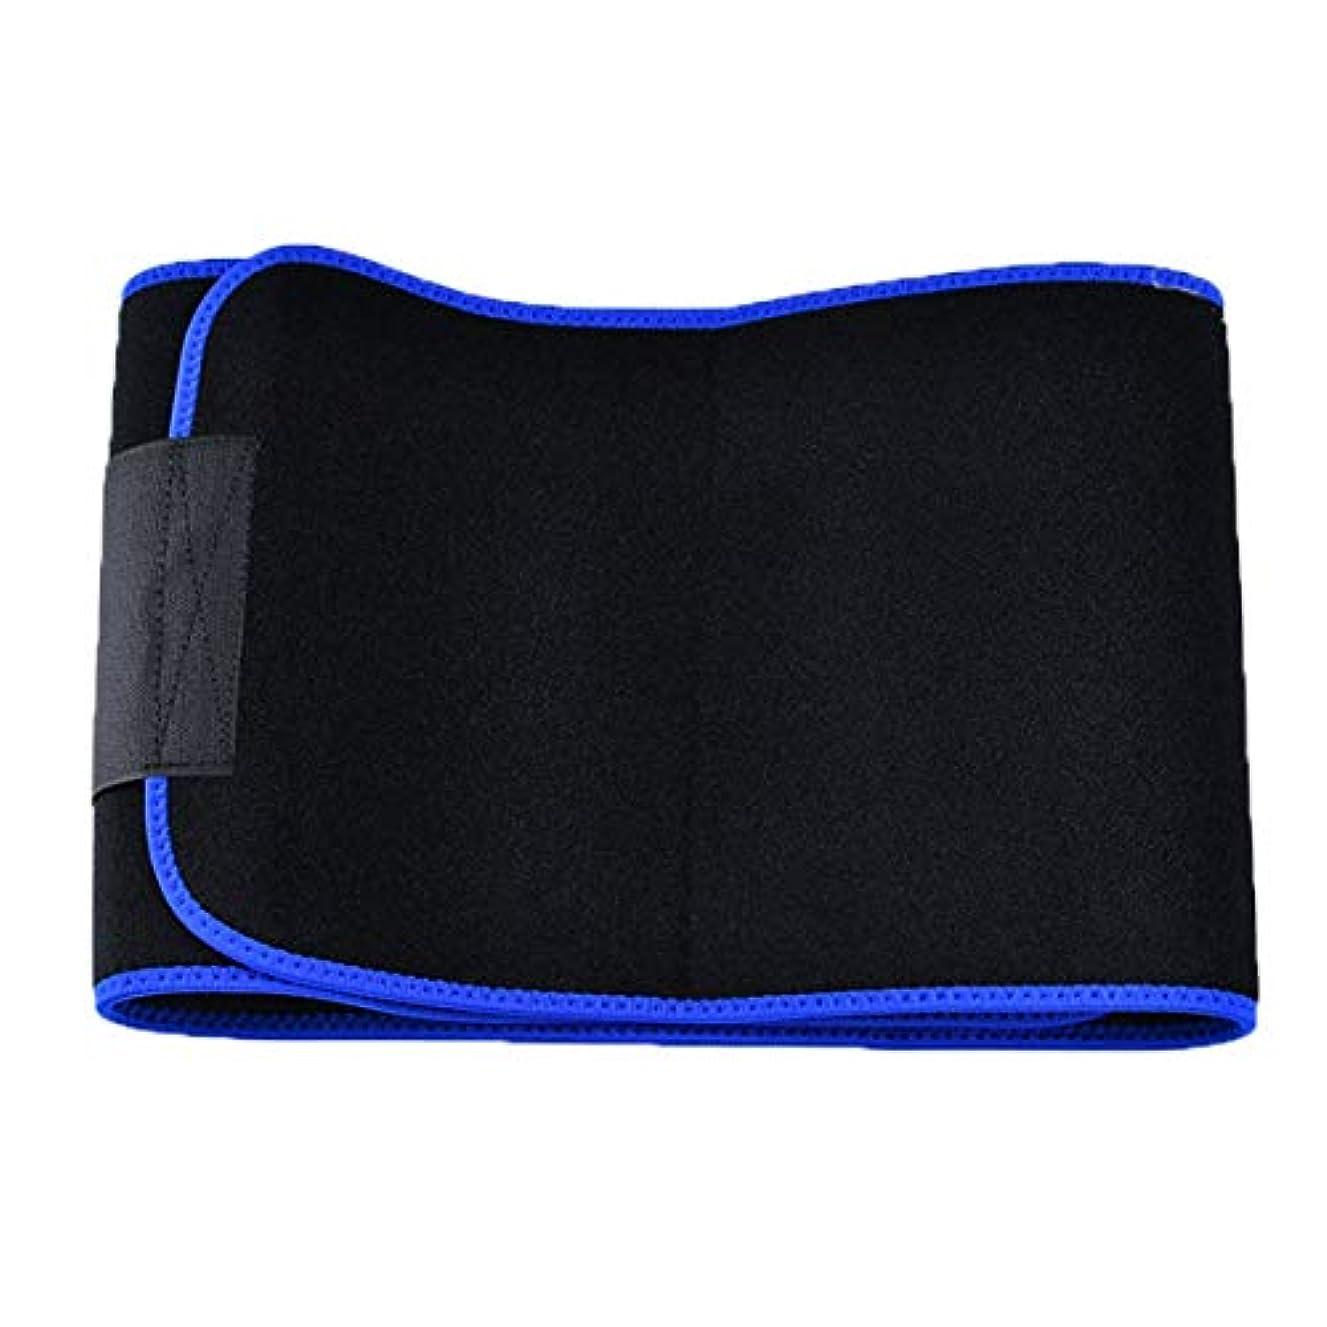 に賛成極めて重要な旋回腹部プラスチックベルトウエストサポートボディシェイパートレーニングコルセット痩身ウエストベルトスリム汗スポーツ保護具